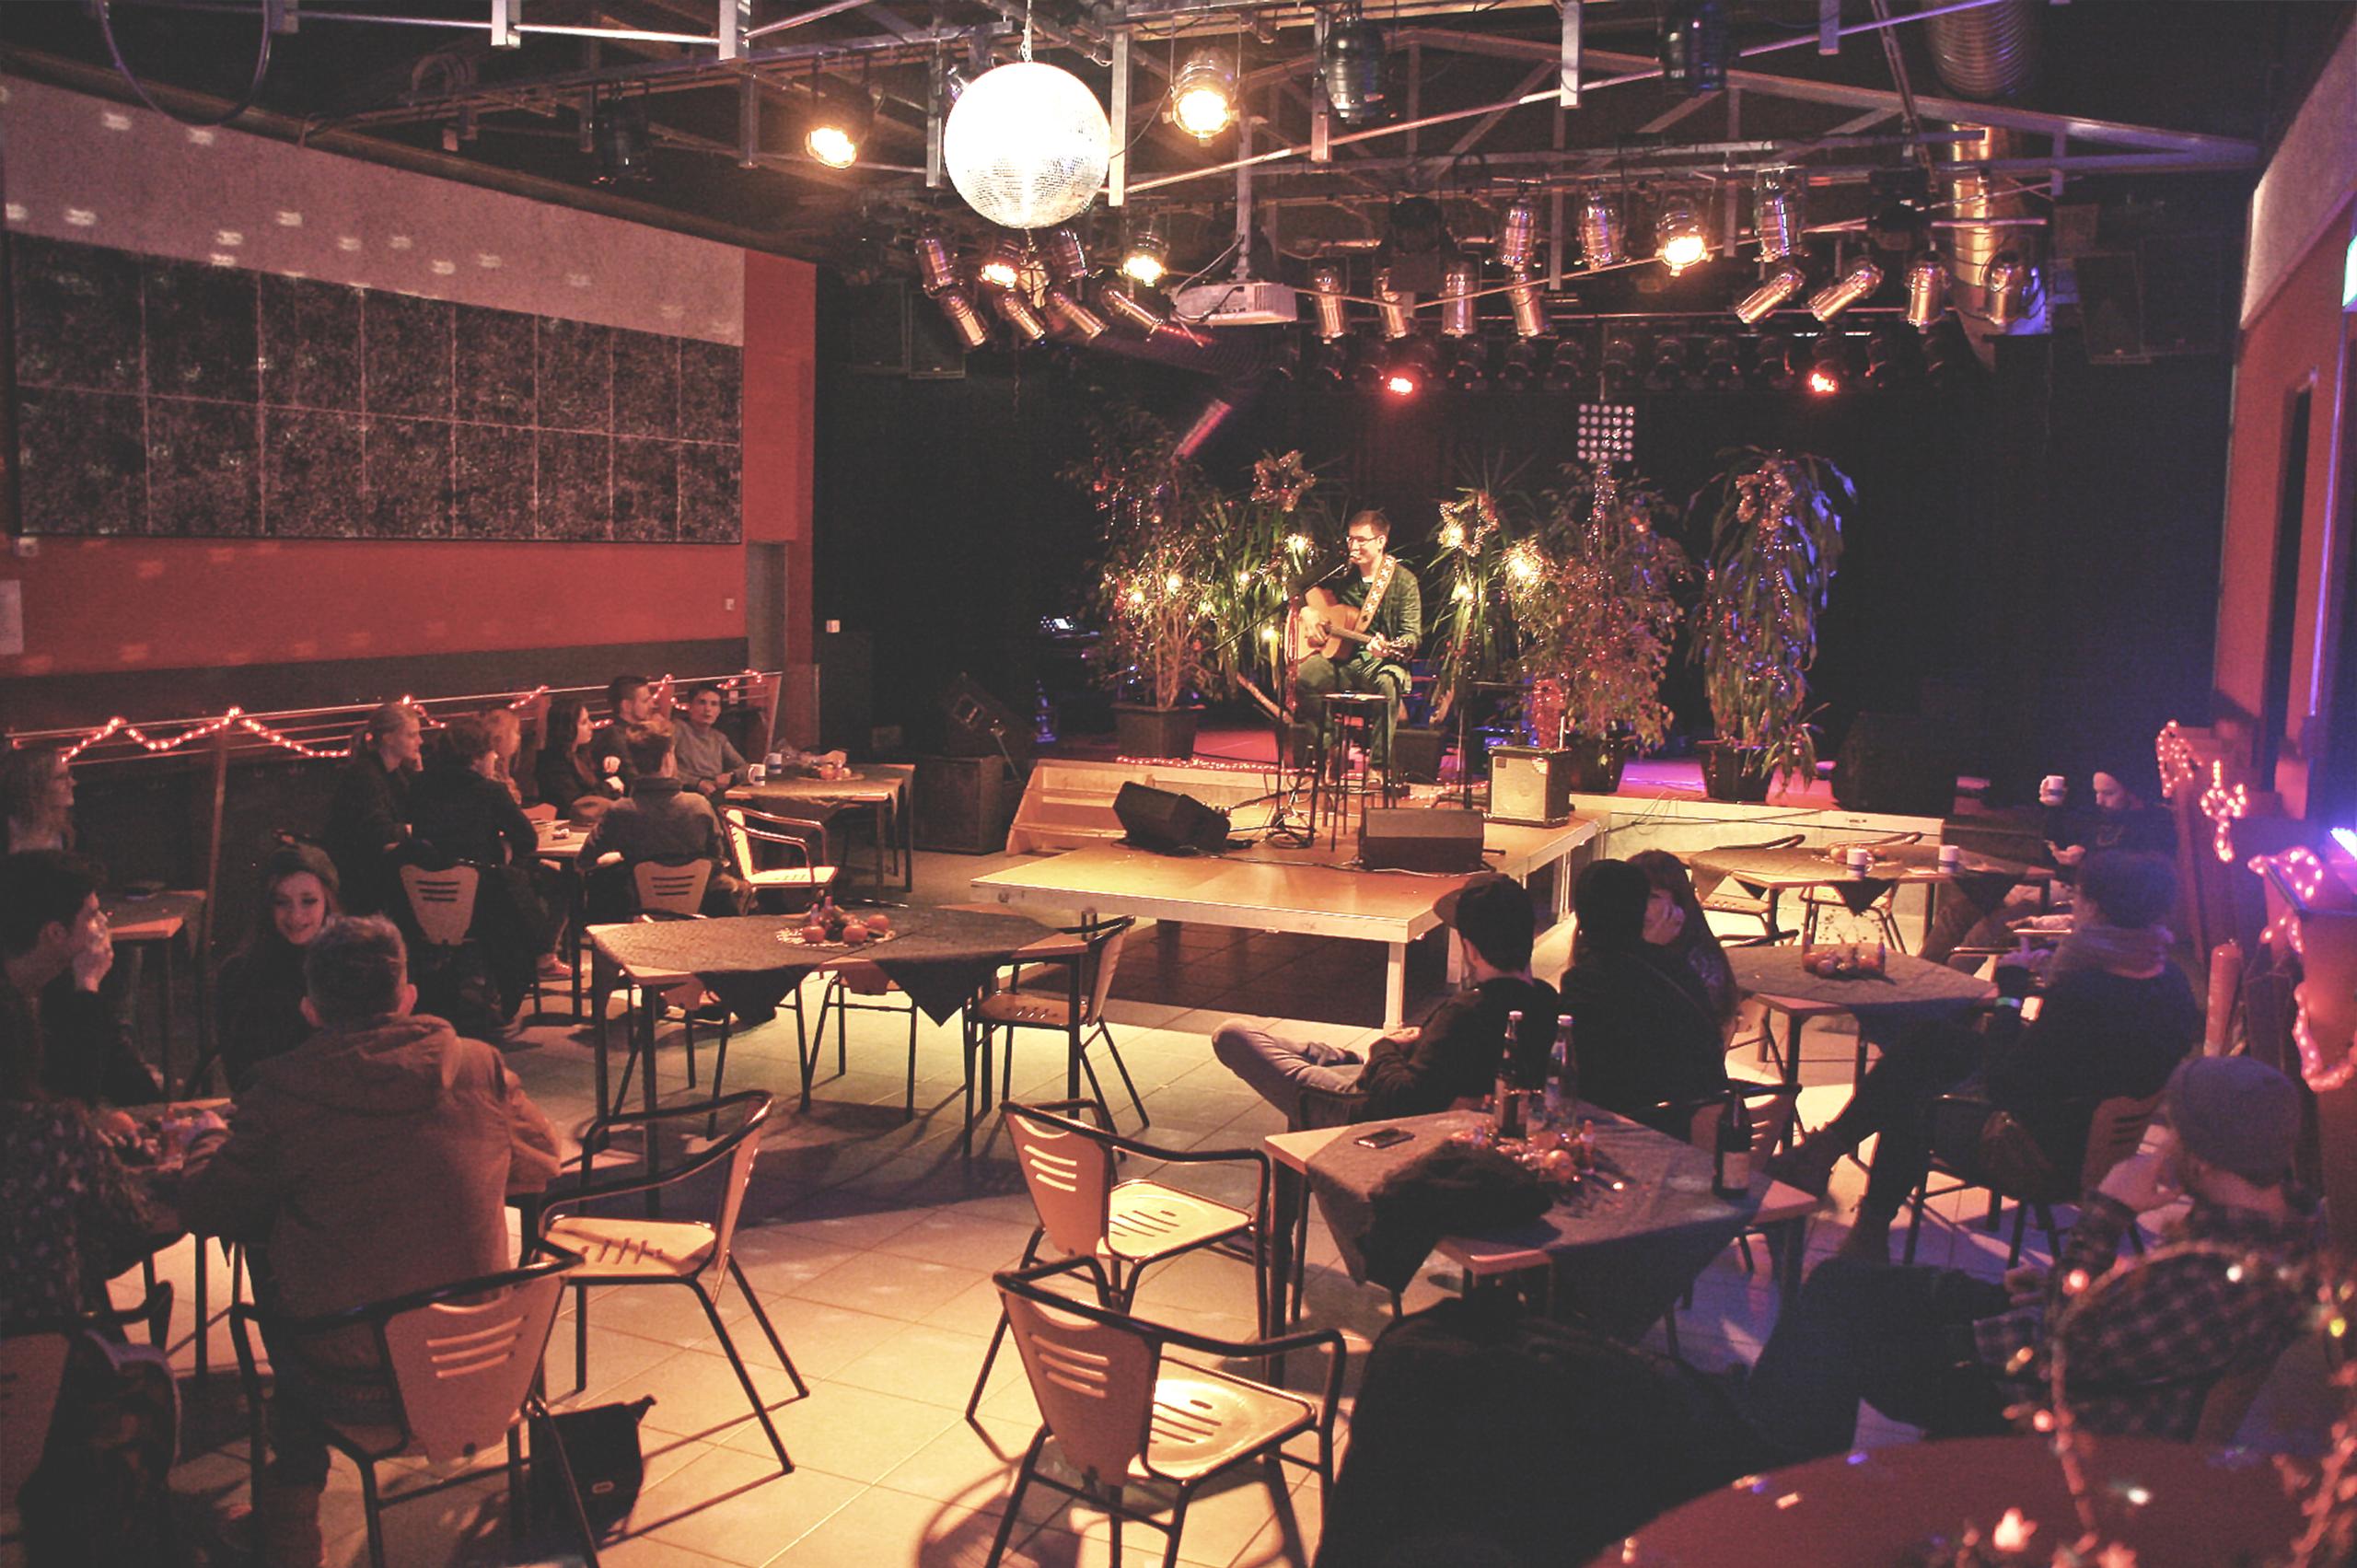 Foto von einer Veranstaltung im LUISEN Saal. Auf einer Bühne sitzt ein junger Musiker mit Gitarre. Im Zuschauerraum um ihn herum stehen Tische mit Stühlen, auf denen viele Personen sitzen.